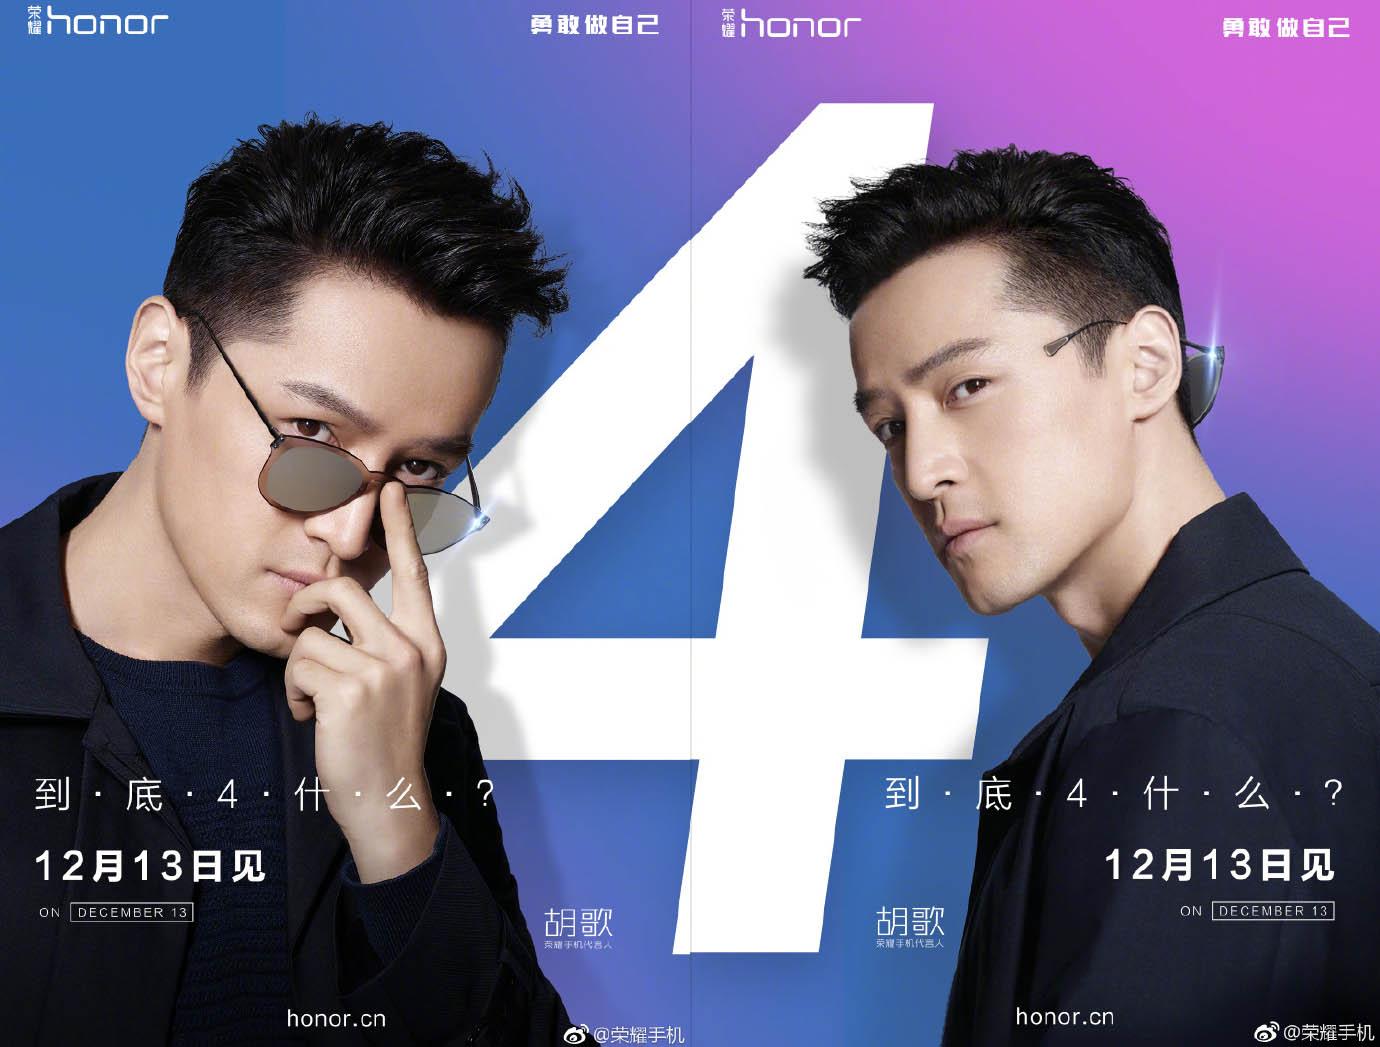 Huawei wyda nowego Honora 13-go grudnia